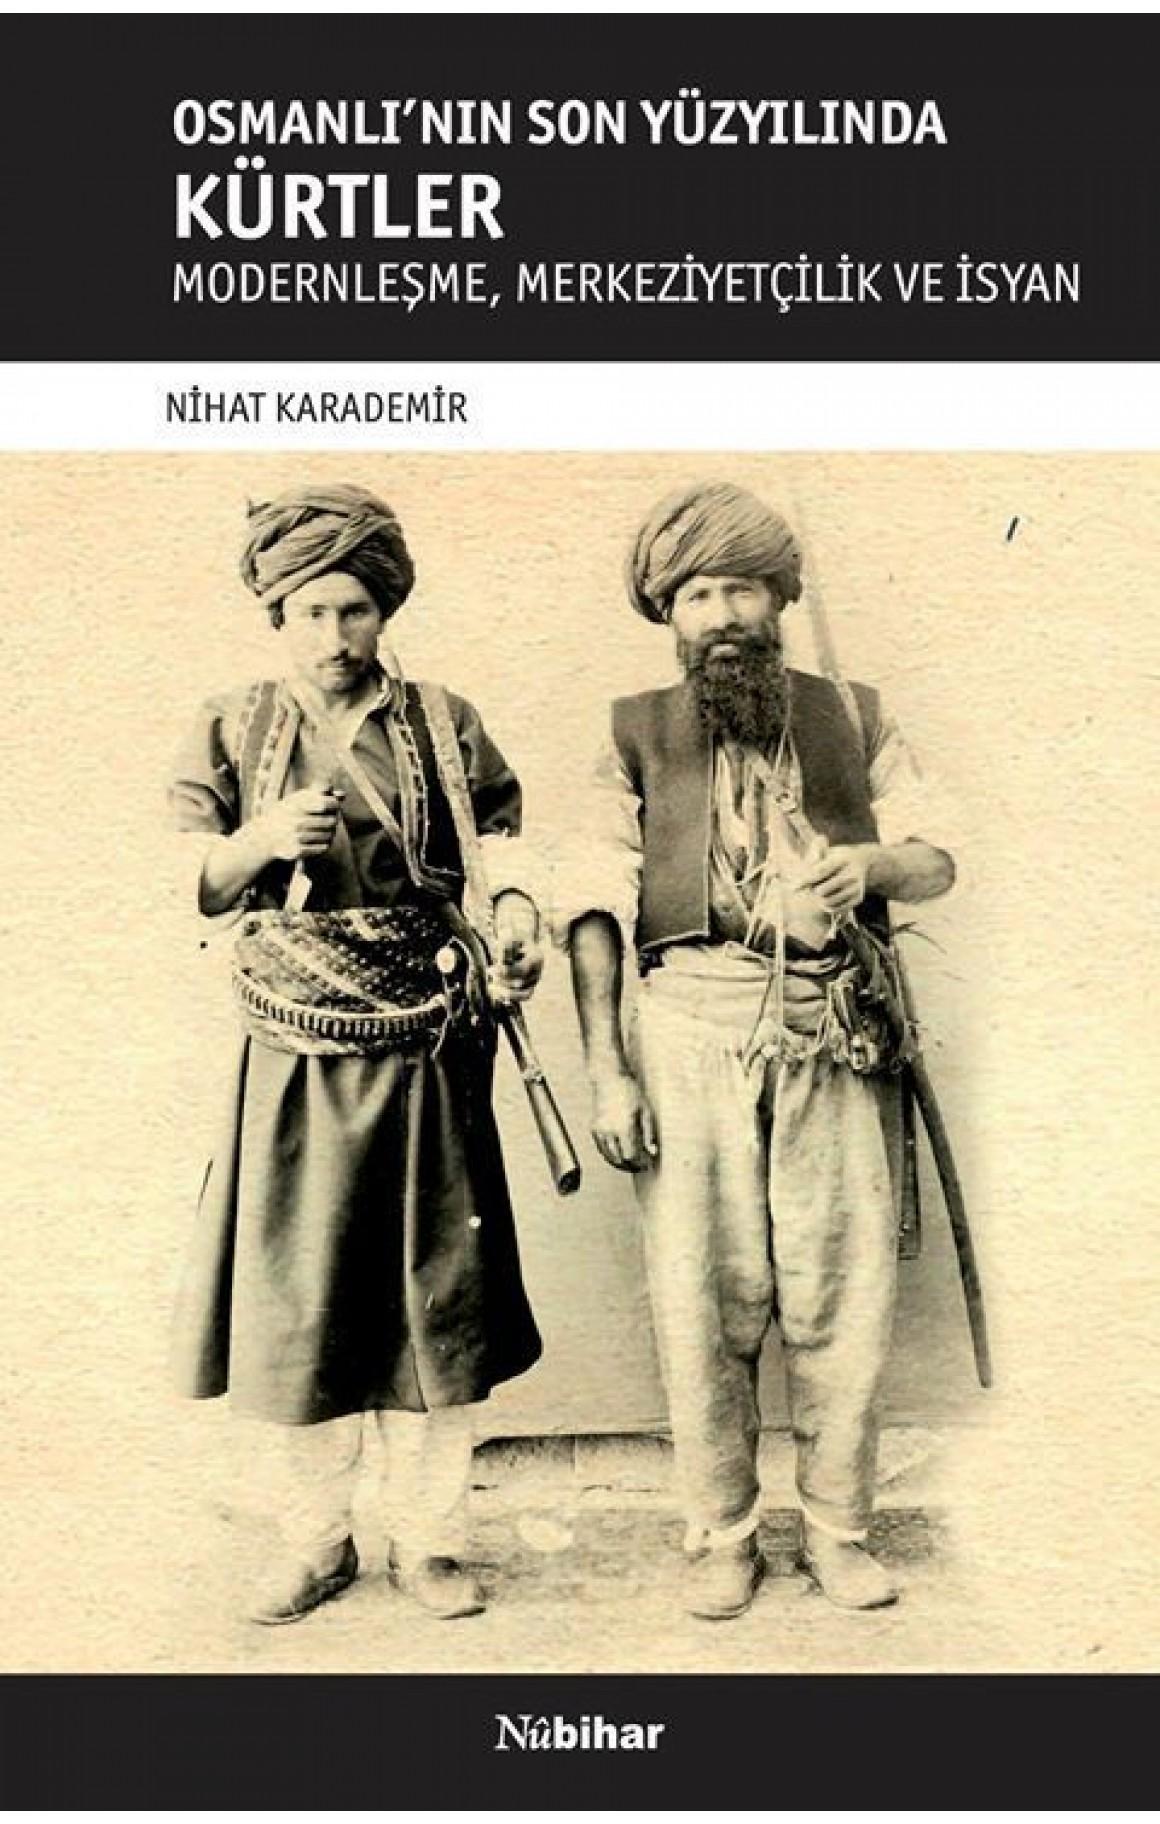 Osmanlı'nın Son Yüzyılında Kürtler - Modernleşme, Merkeziyetçilik Ve İsyan